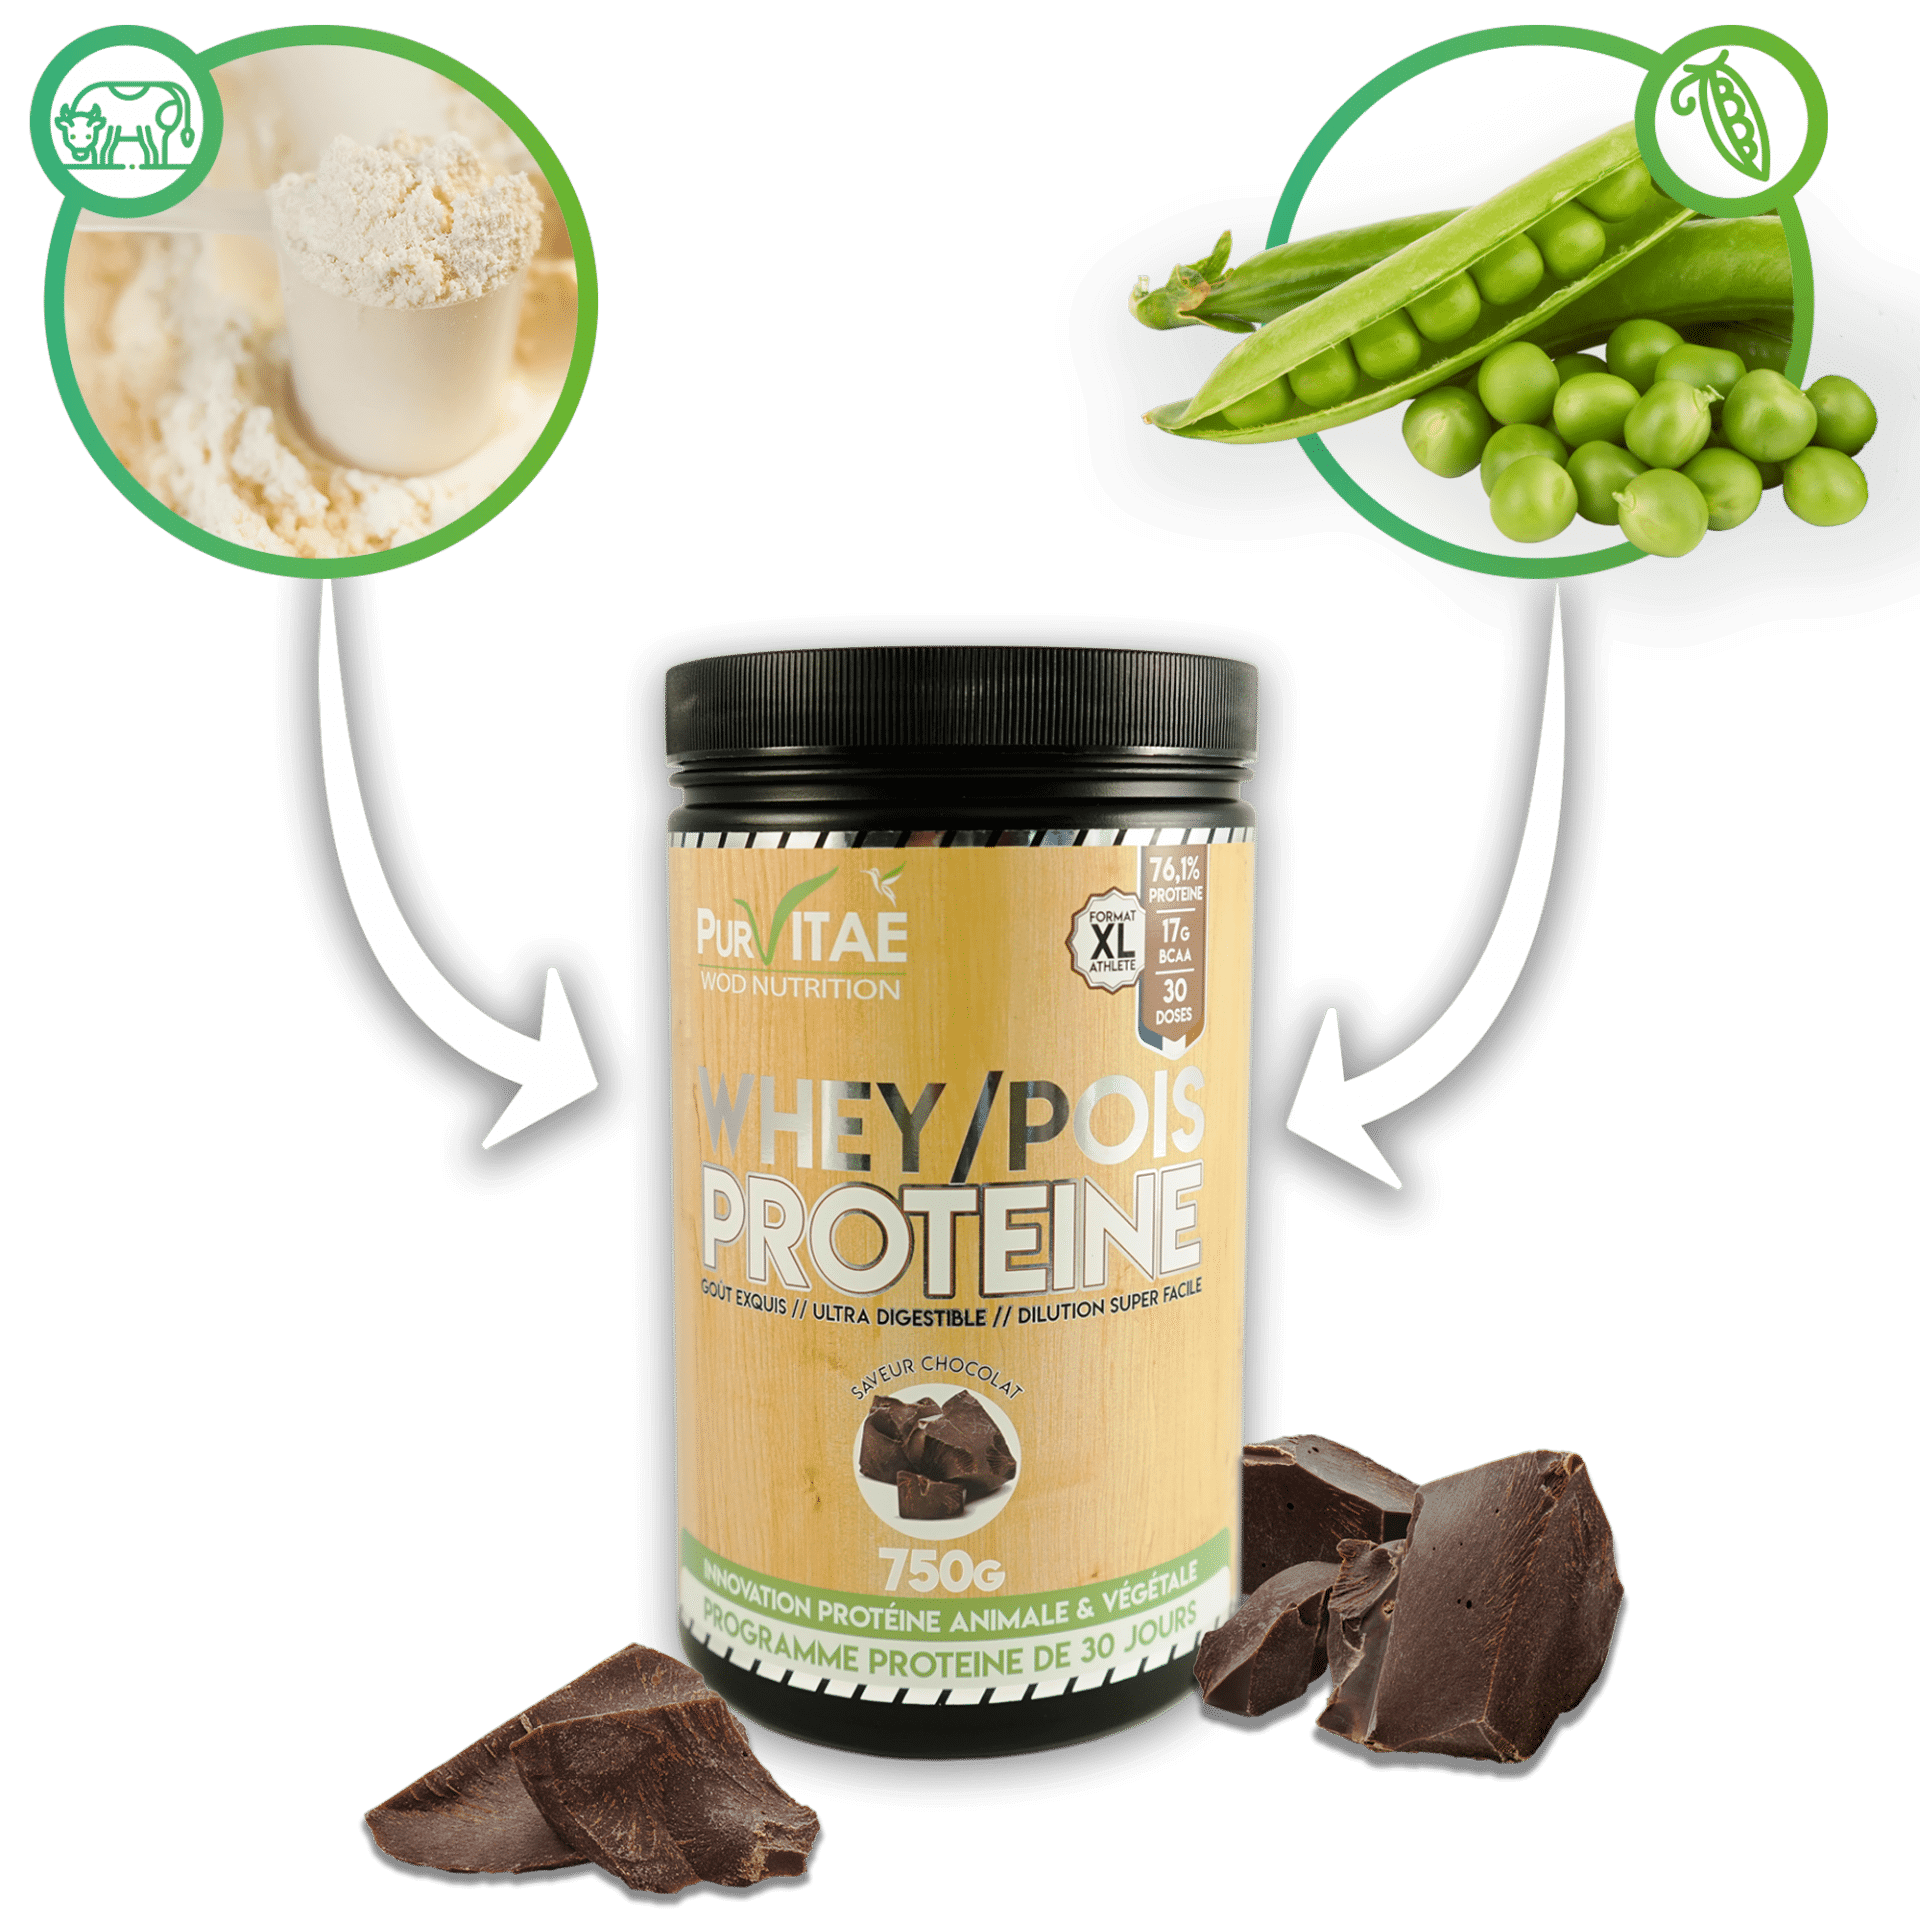 protéine pur vitae